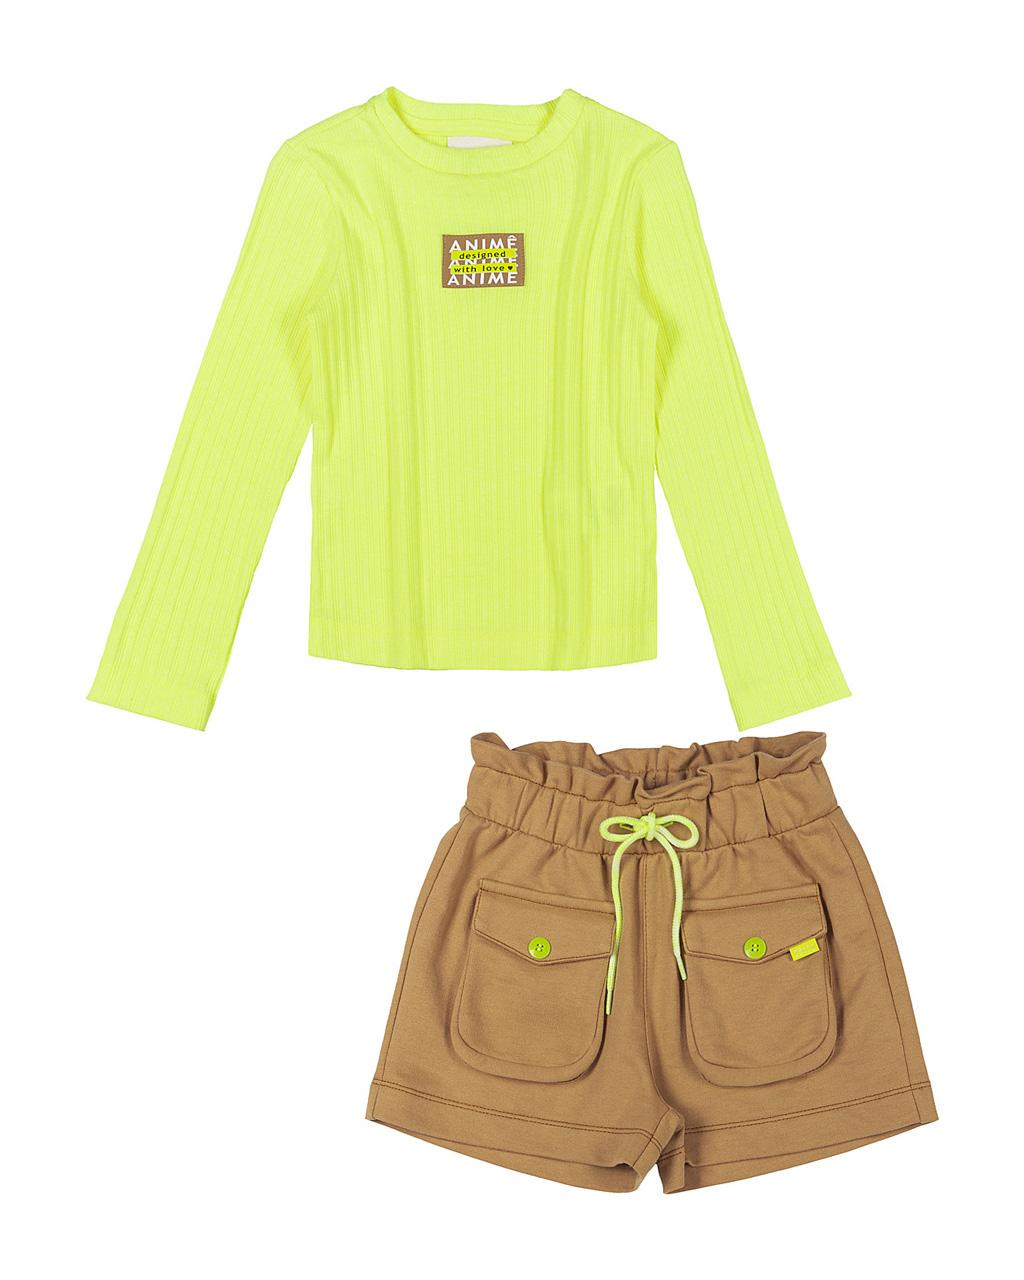 Conjunto Infantil Blusa Canelada Amarelo Neon e Shorts Caramelo Moletom Animê